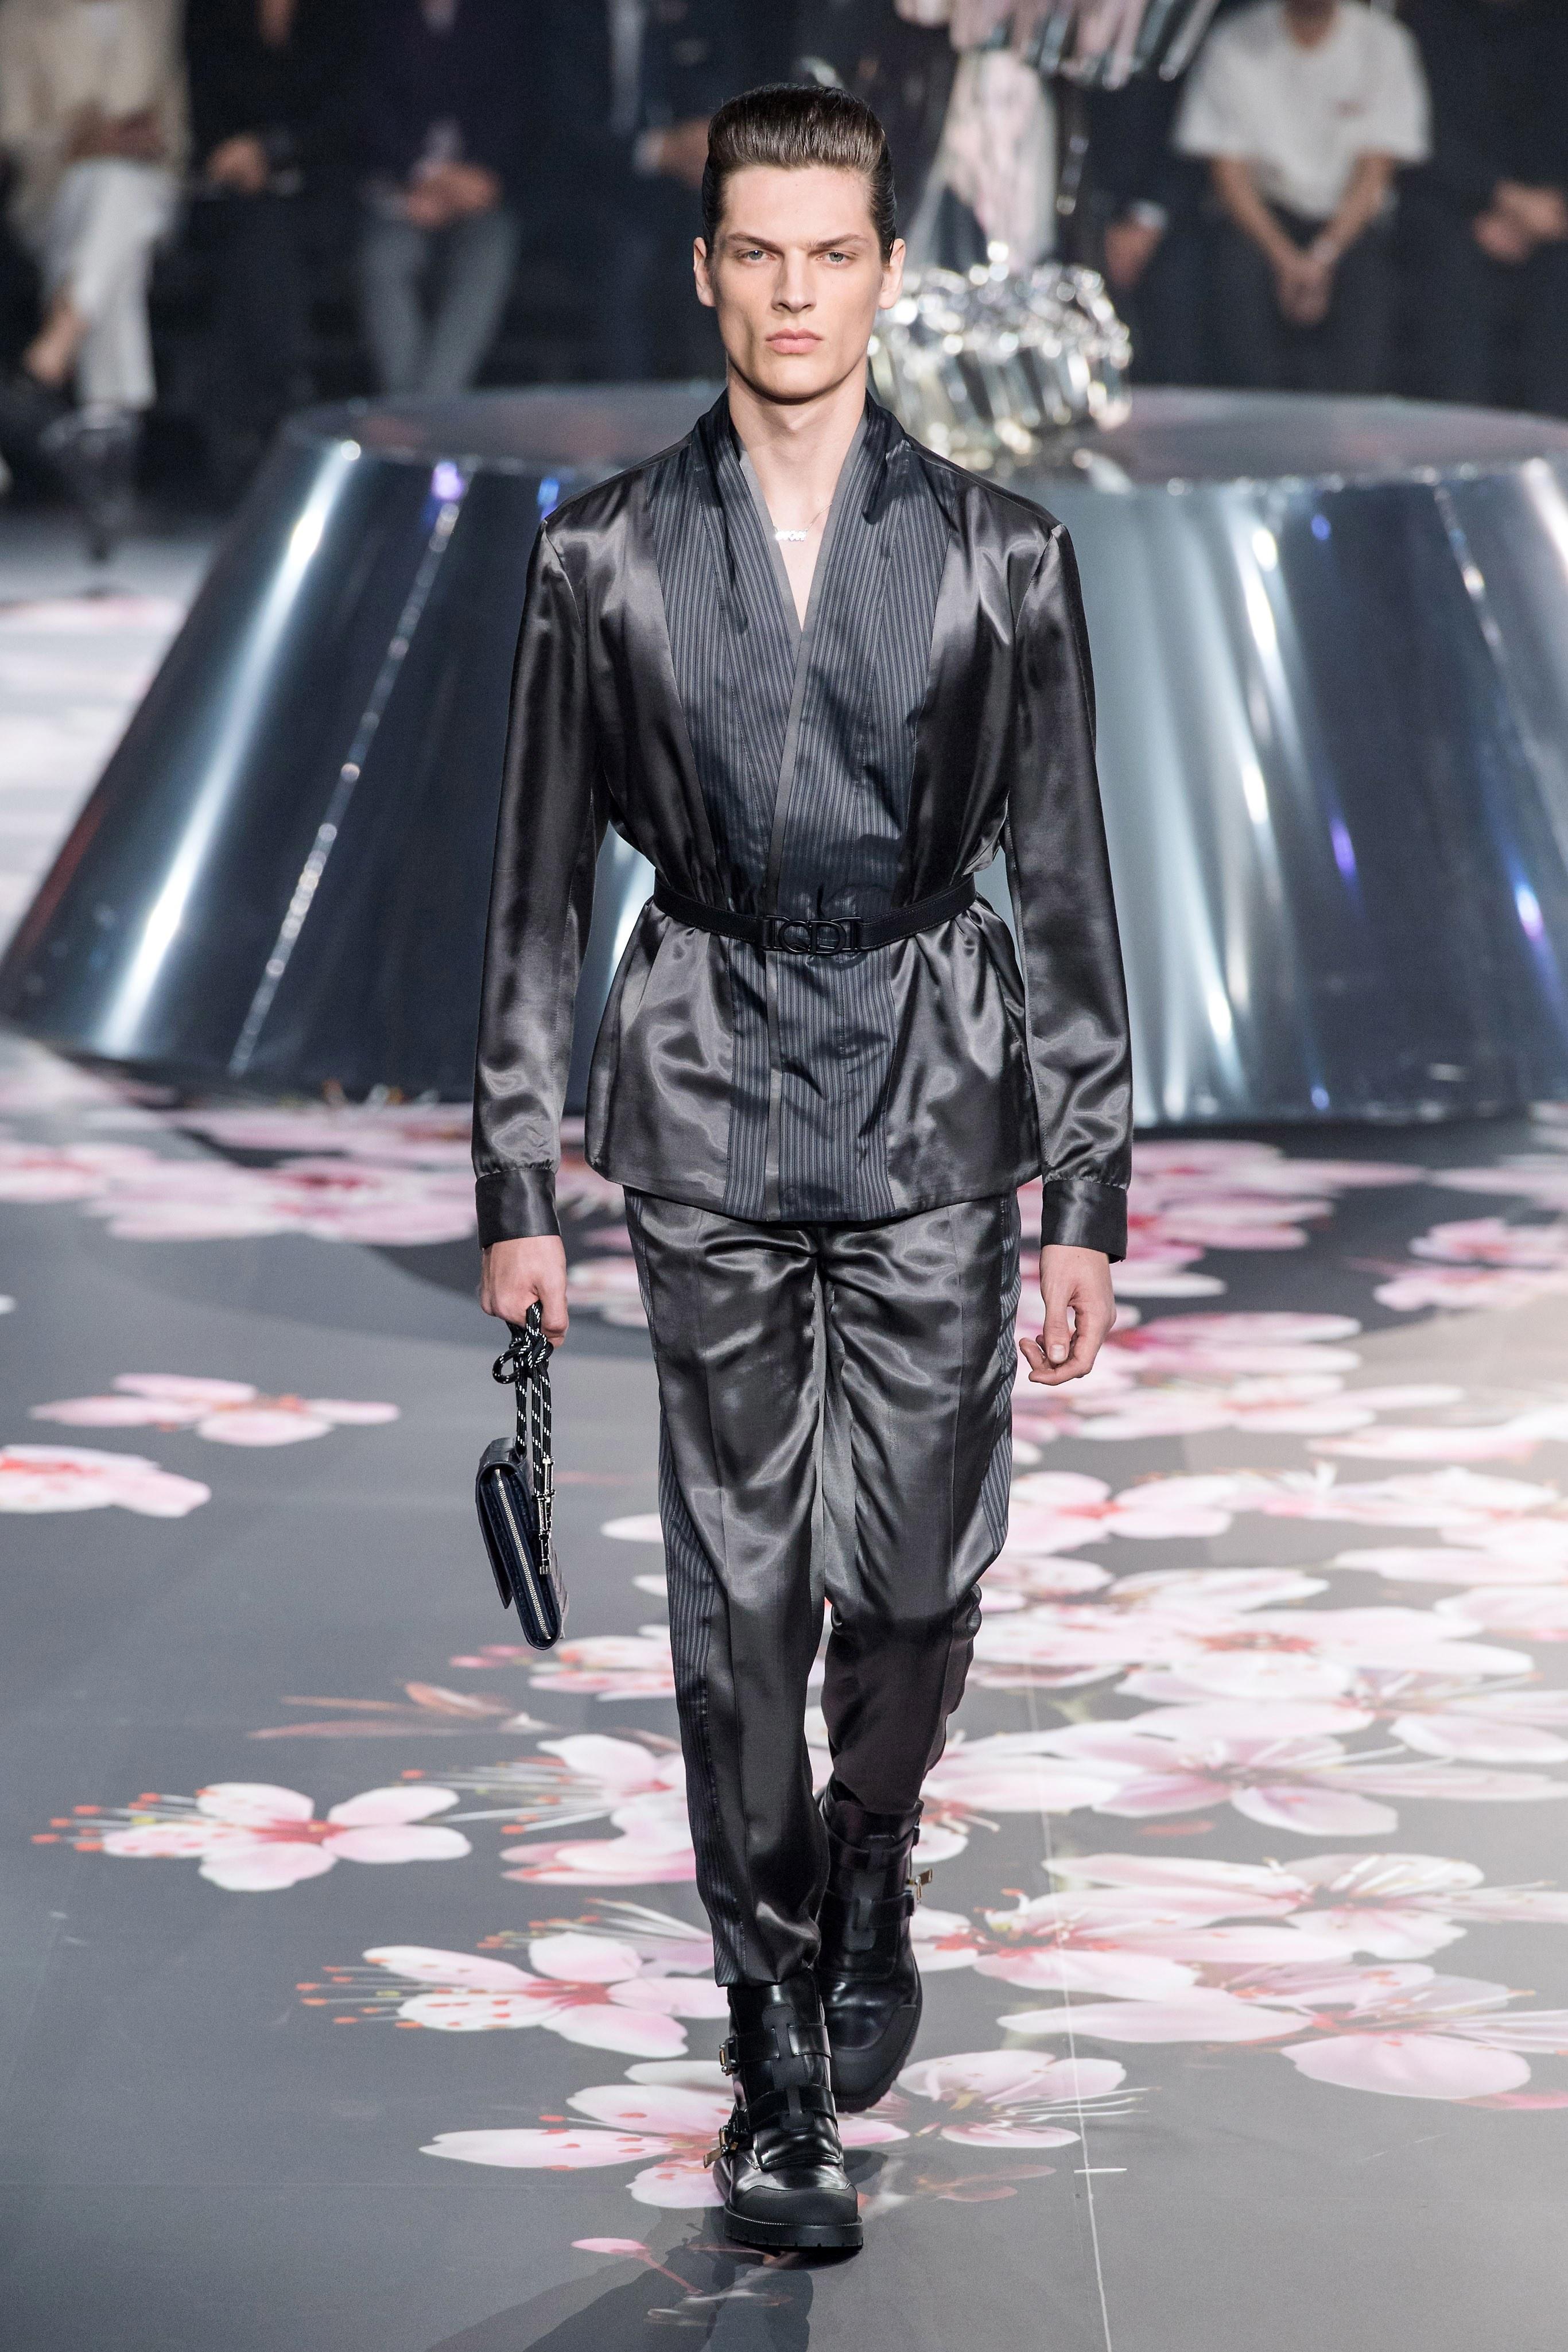 Cách tân áo blazer từ chiếc áo yukata truyền thống của người đàn ông Nhật Bản. Ảnh: Vogue